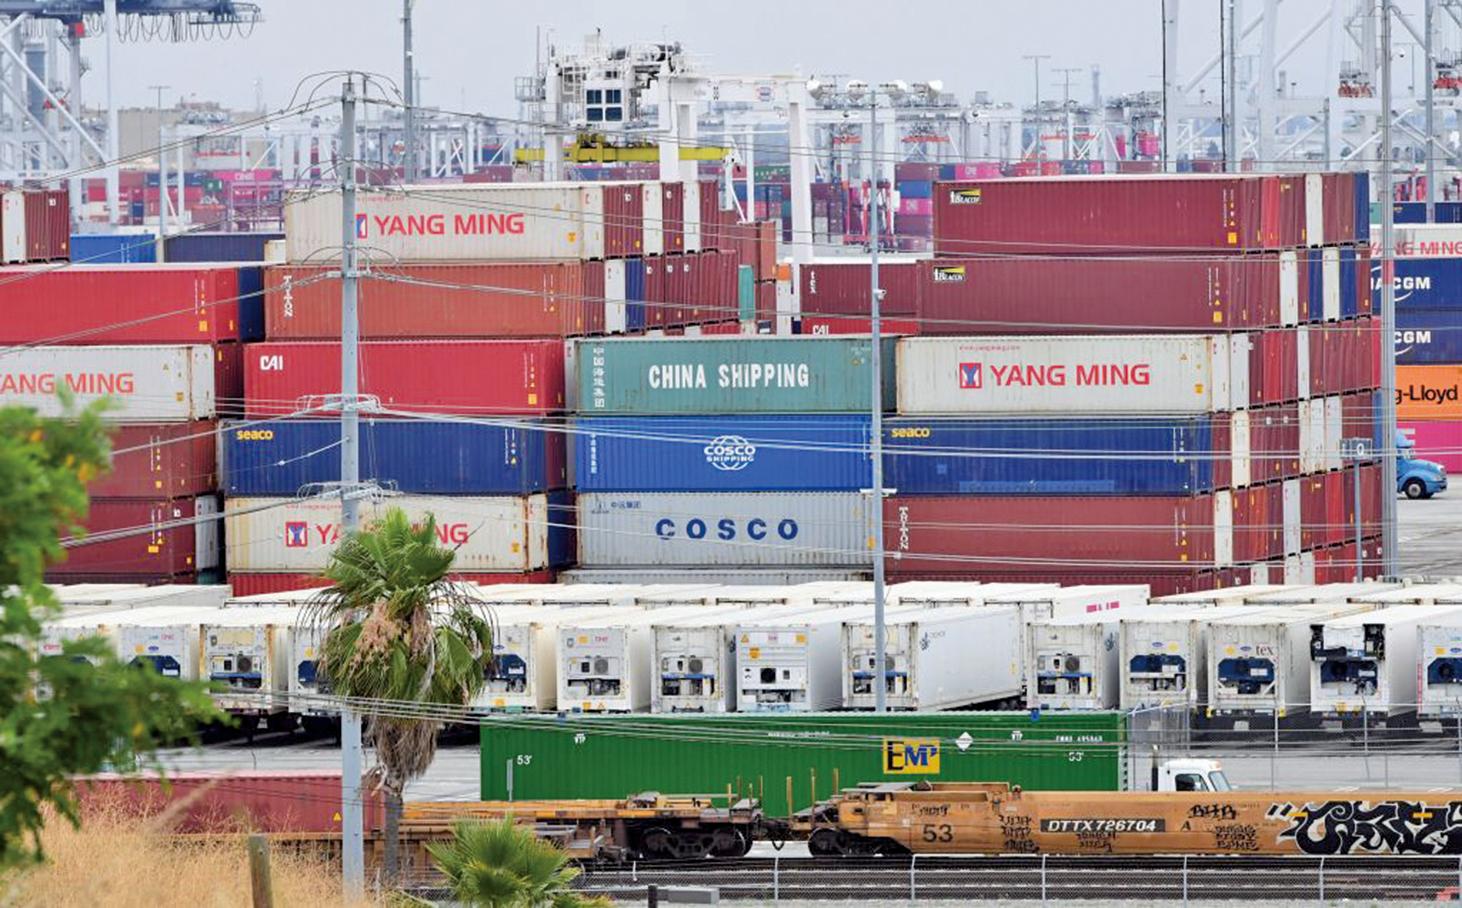 中國鋁業大亨劉忠田涉嫌逃稅,被美國大陪審團起訴。圖為中國進口產品。(AFP)